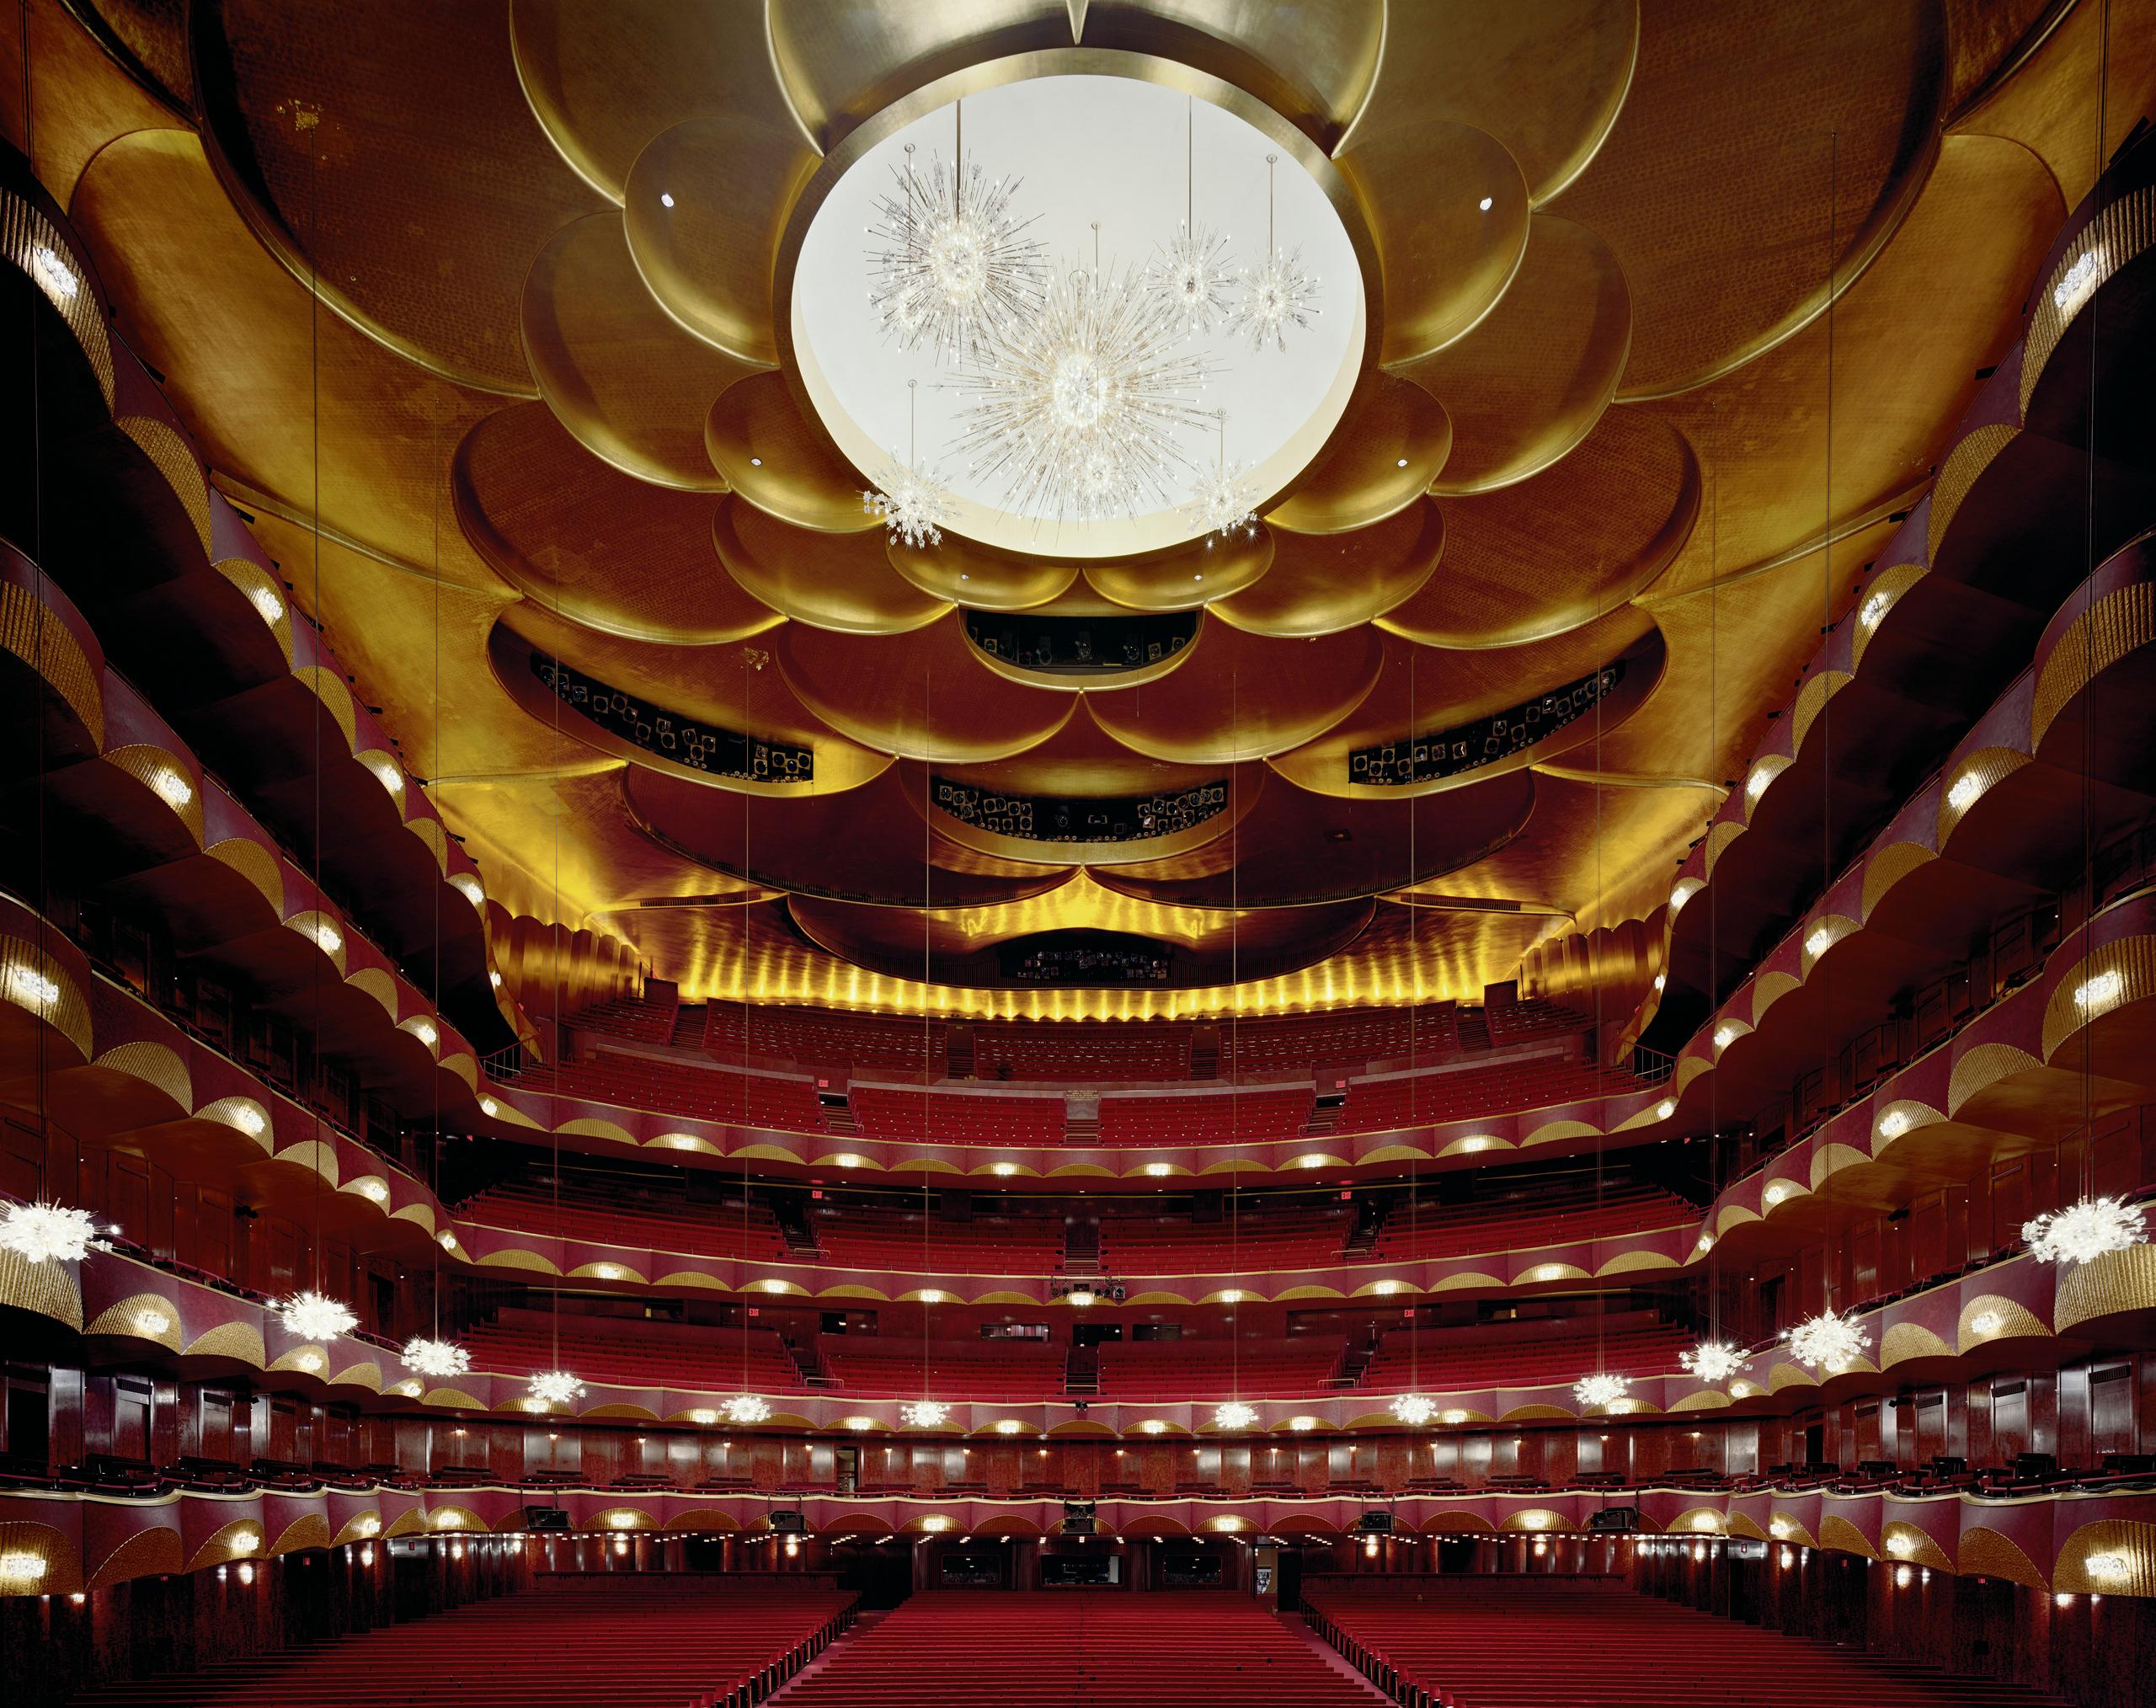 The Metropolitan Opera New York, United States, 2008